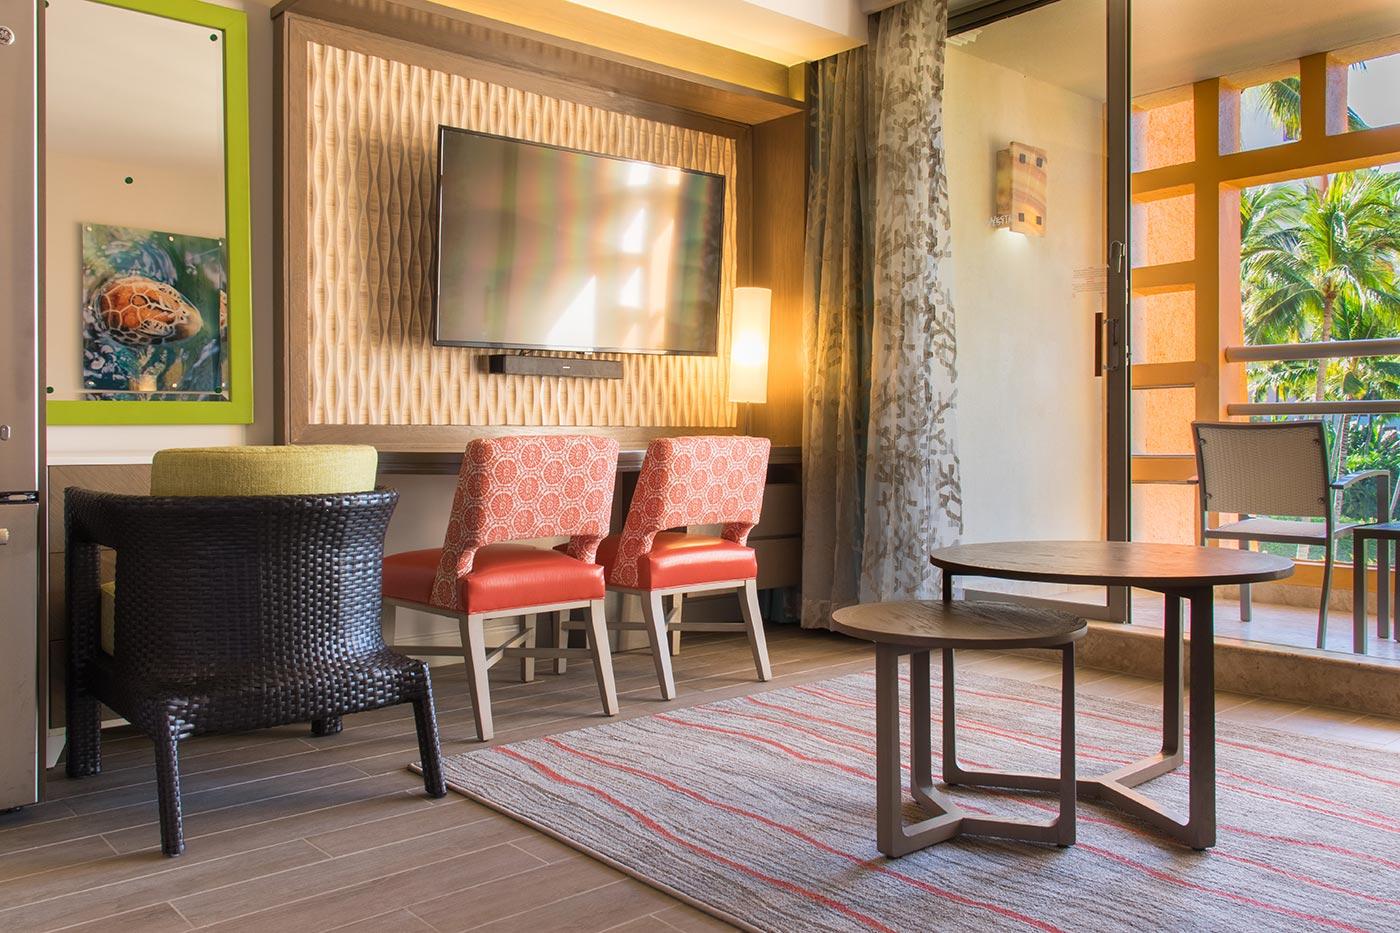 Proyectos SPAD Constructora, Remodelación de habitaciones Westin, Descanso sillas y televisión decoración, Diseño de Interiores, Arquitectura, Puerto Vallarta, Jalisco, México